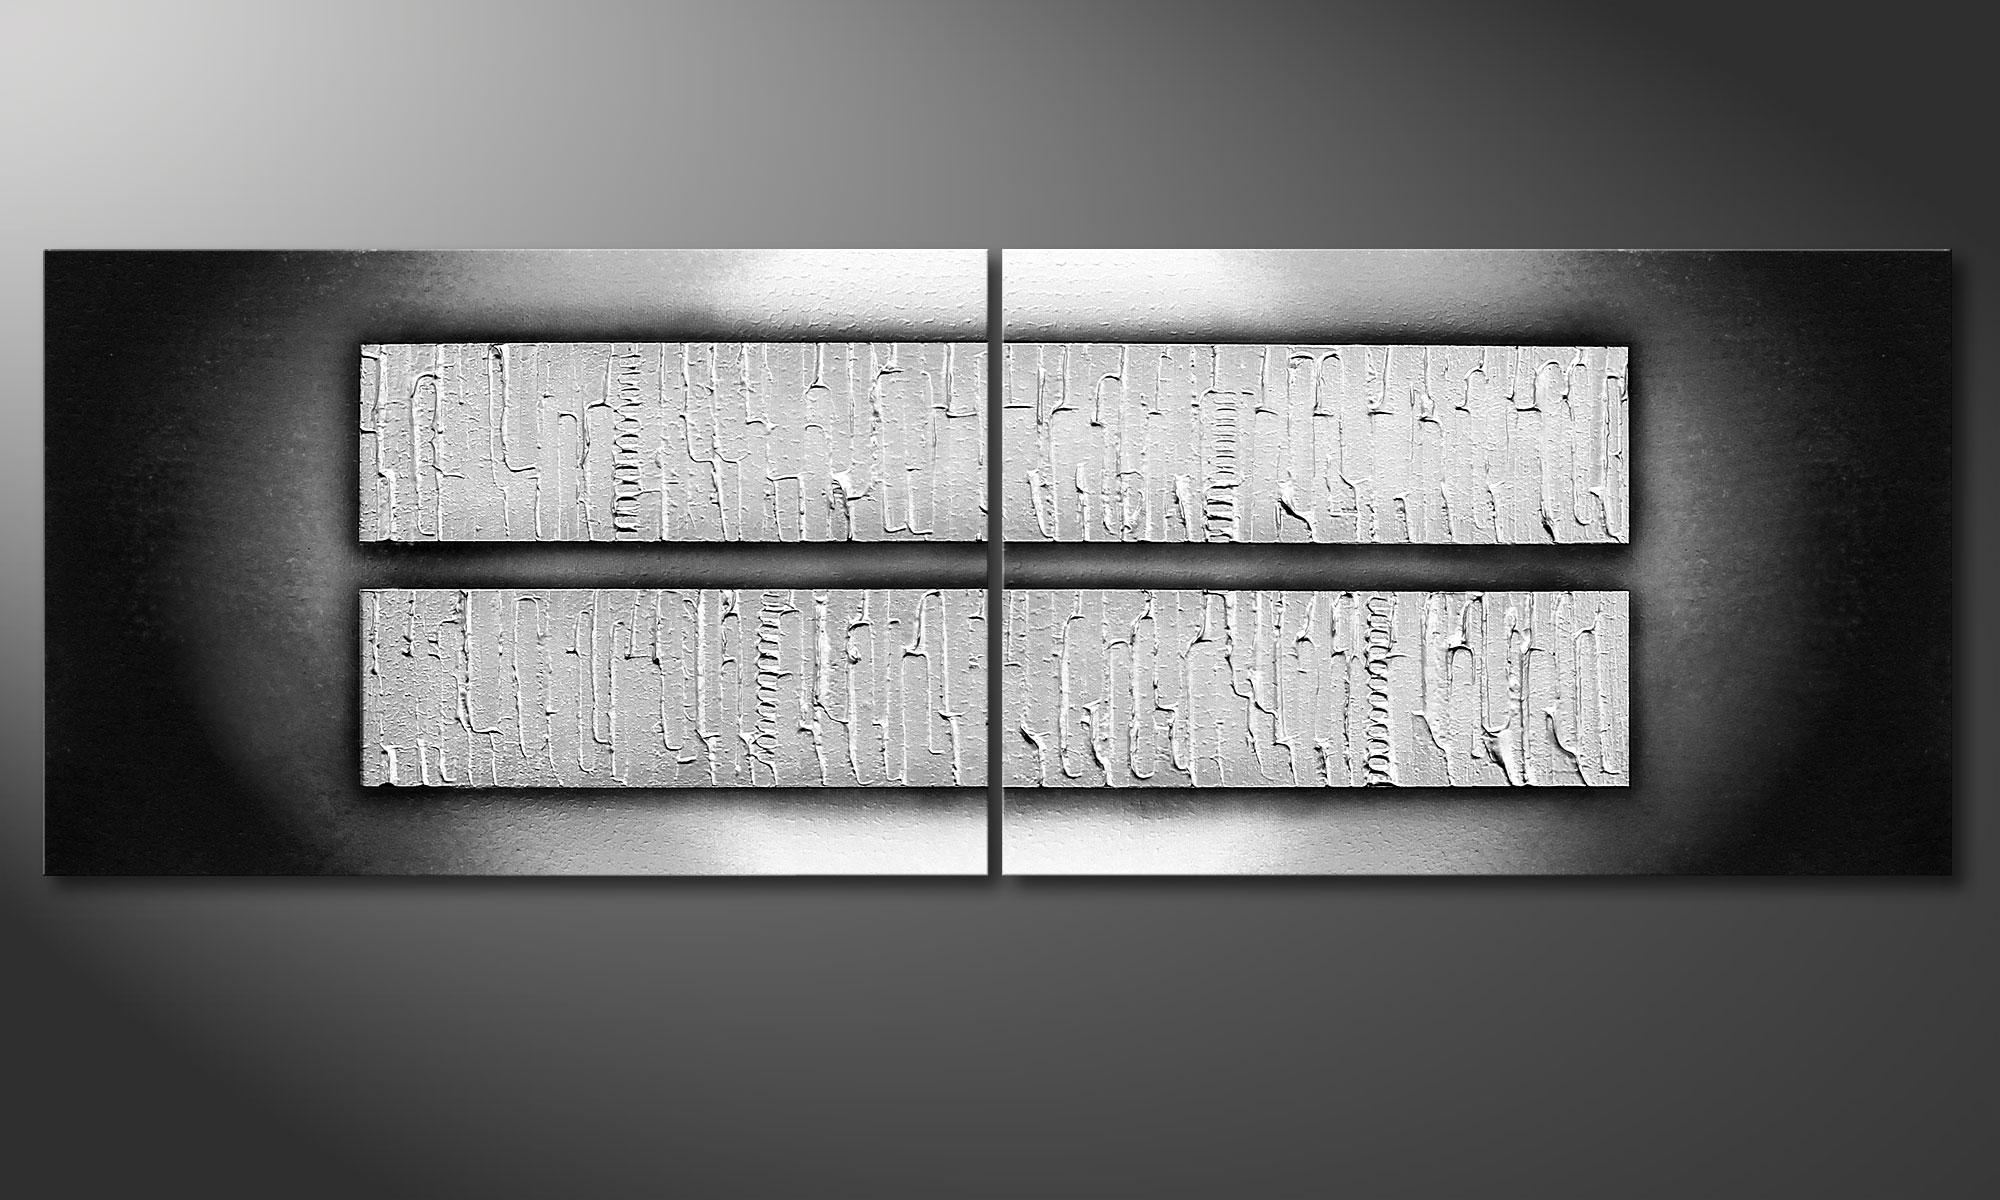 das wohnzimmer bild crushed ice 120x40cm. Black Bedroom Furniture Sets. Home Design Ideas